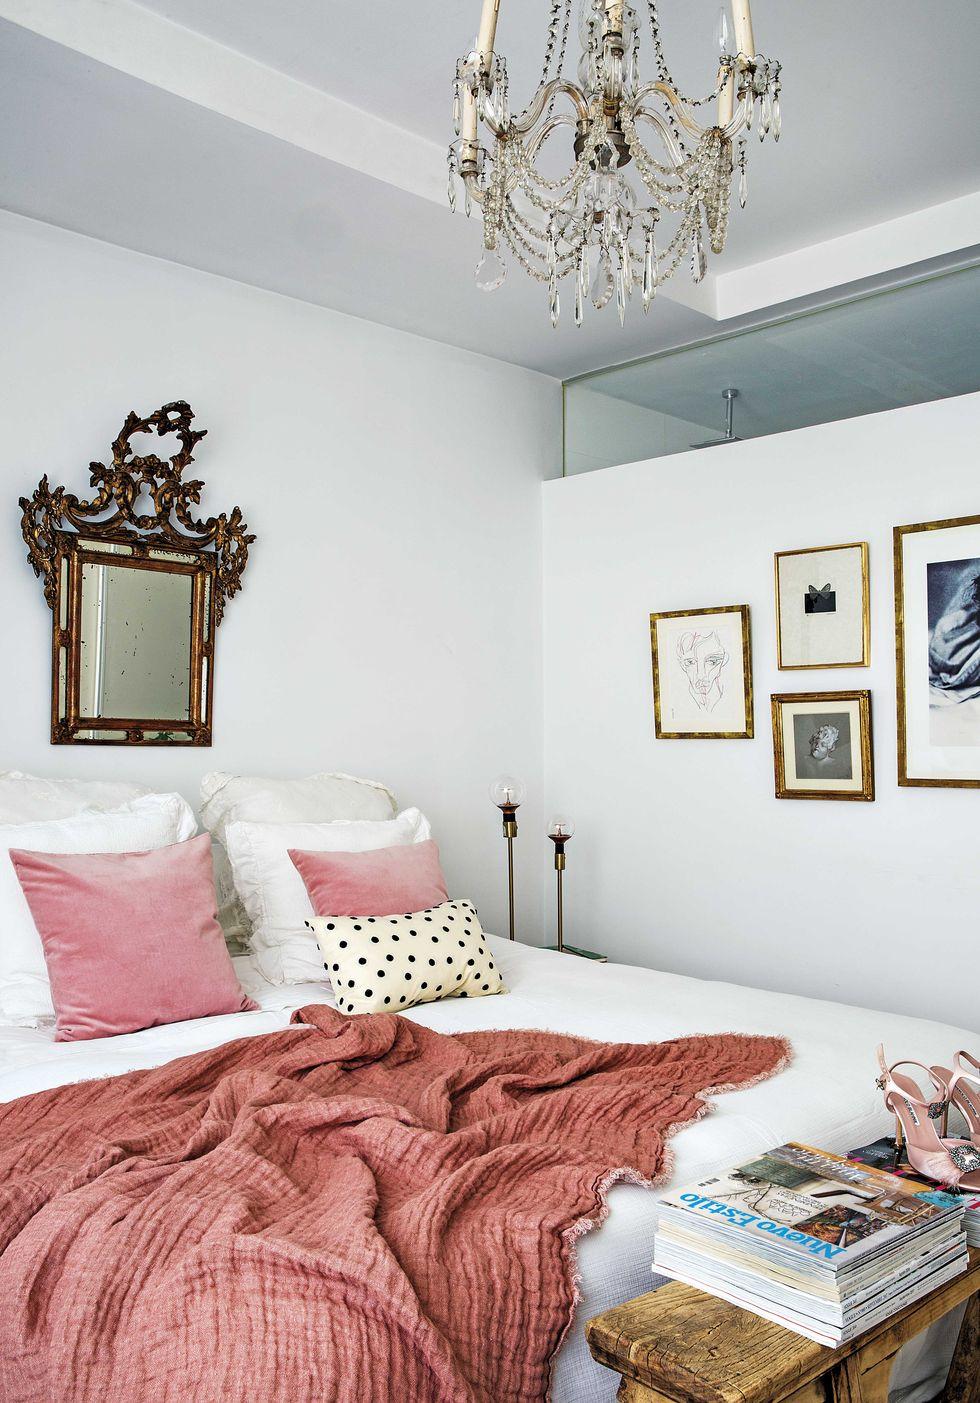 Cómo_conseguir_una_decoración_chic_en_clave_low_cost_consejos_trucos_dormitorio_paula_ordovás-08